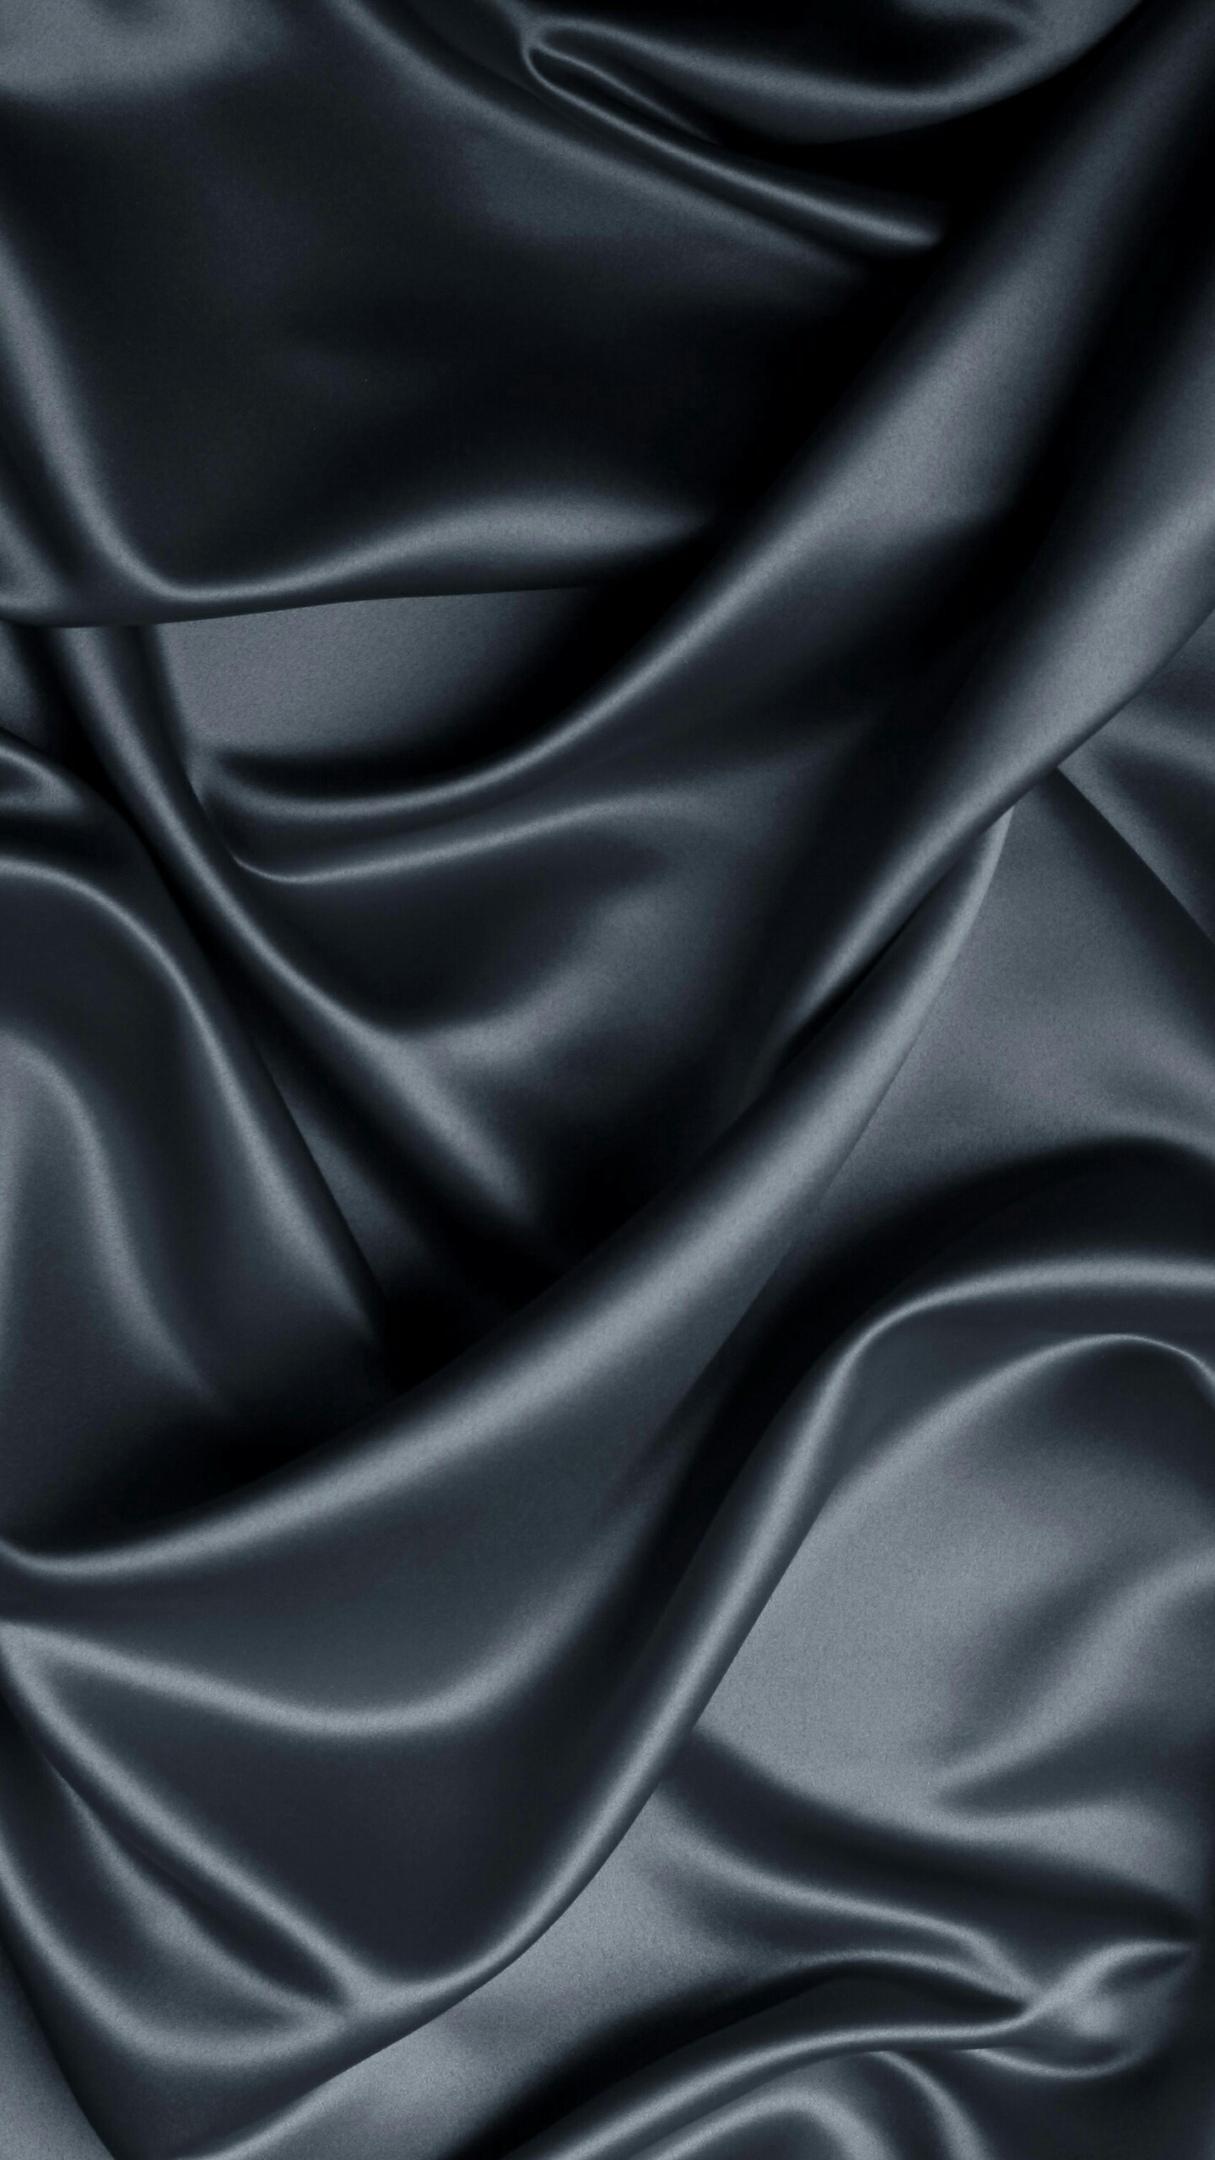 Картинка: Ткань, волны, текстура